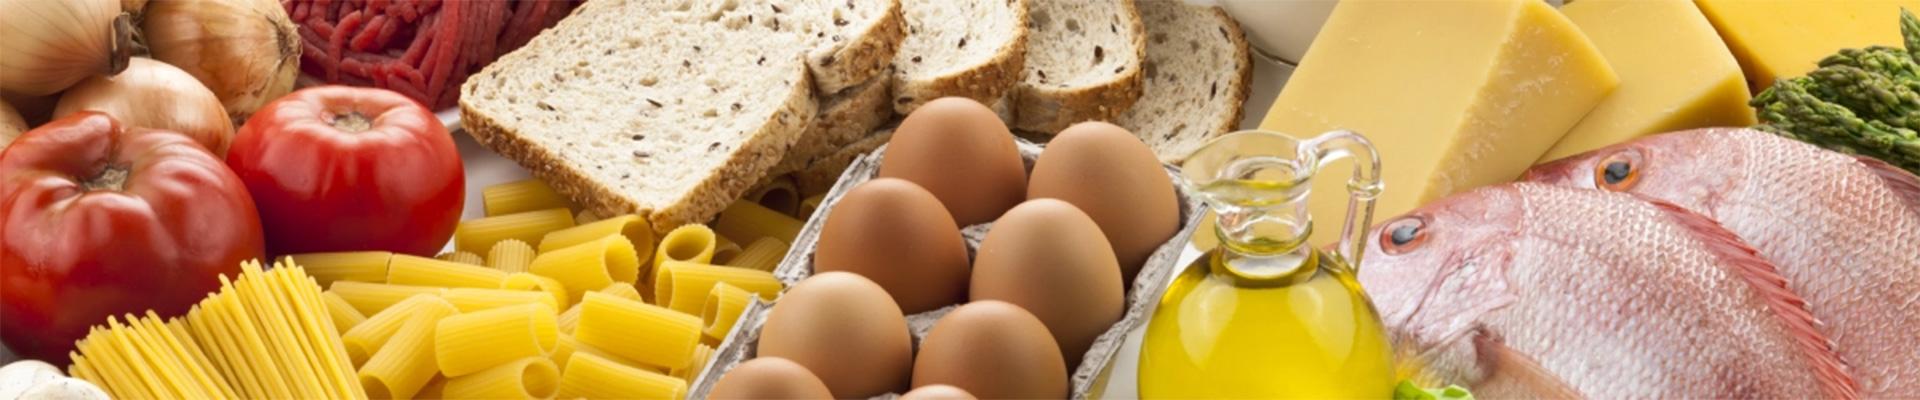 Curso de Boas Práticas na manipulação dos alimentos